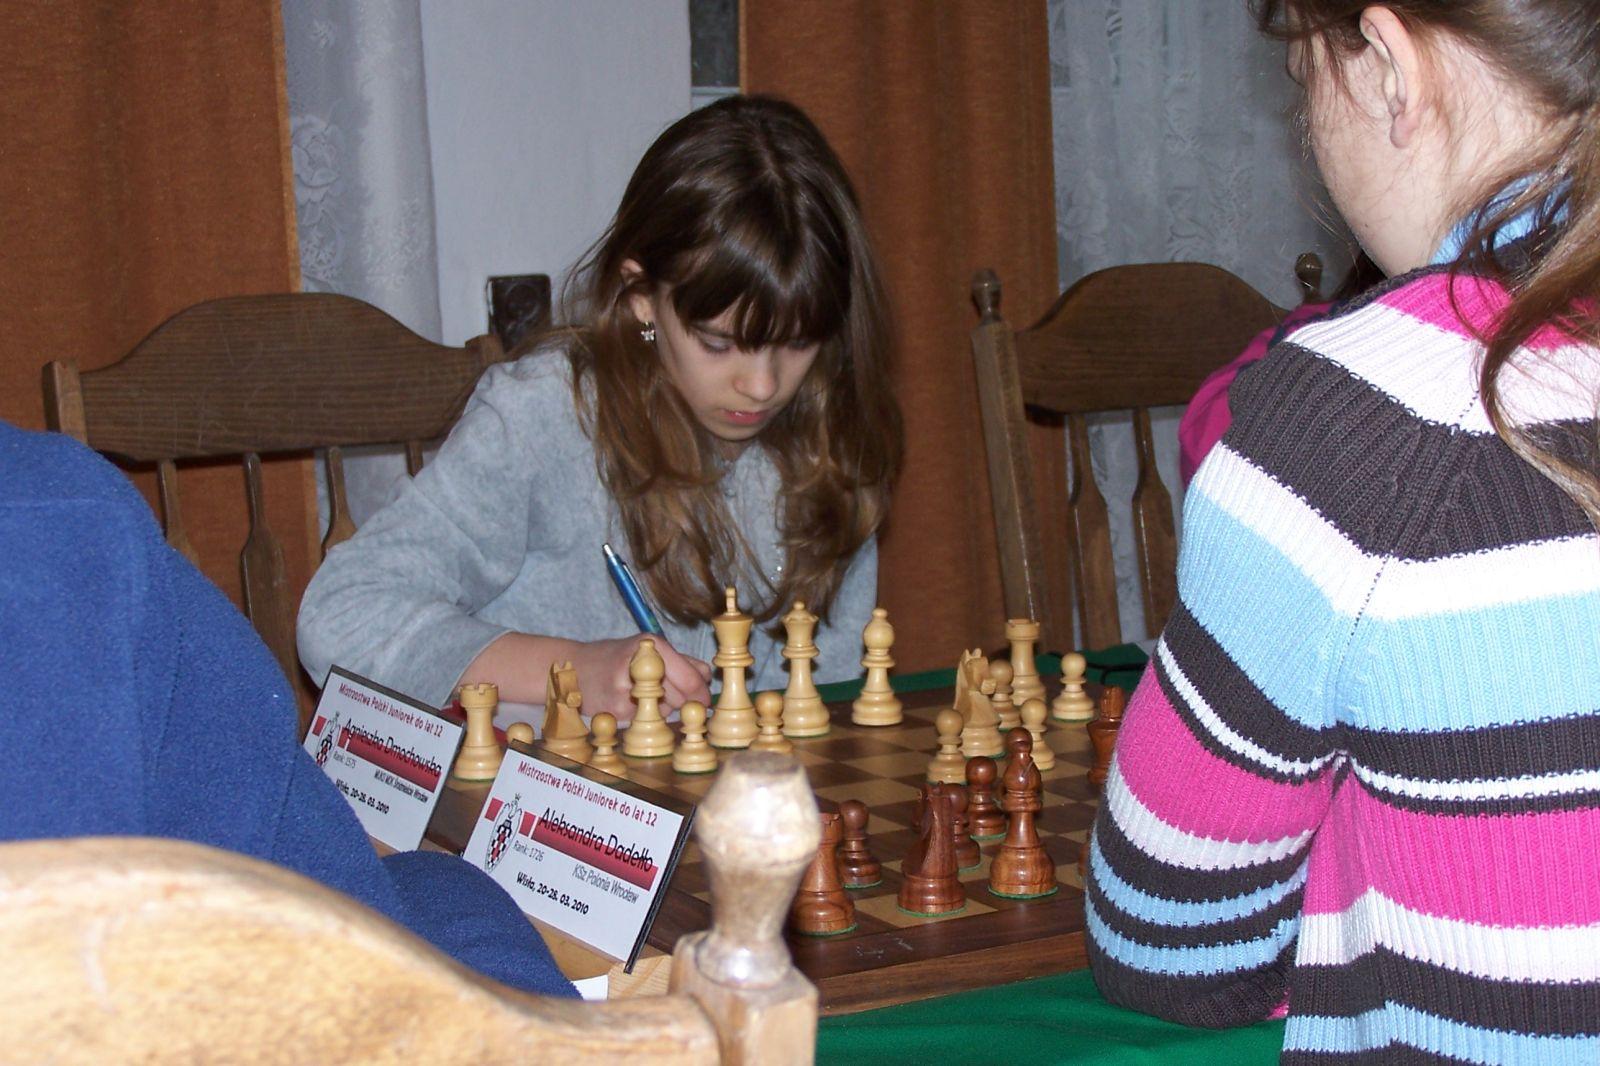 Nieprzyjęty gambit hetmański. 1.d4 d5 2.c4 e6 3.Sc3. Mistrzostwa Polski Juniorek do lat 12, Wisła, 20-28.03.2010.